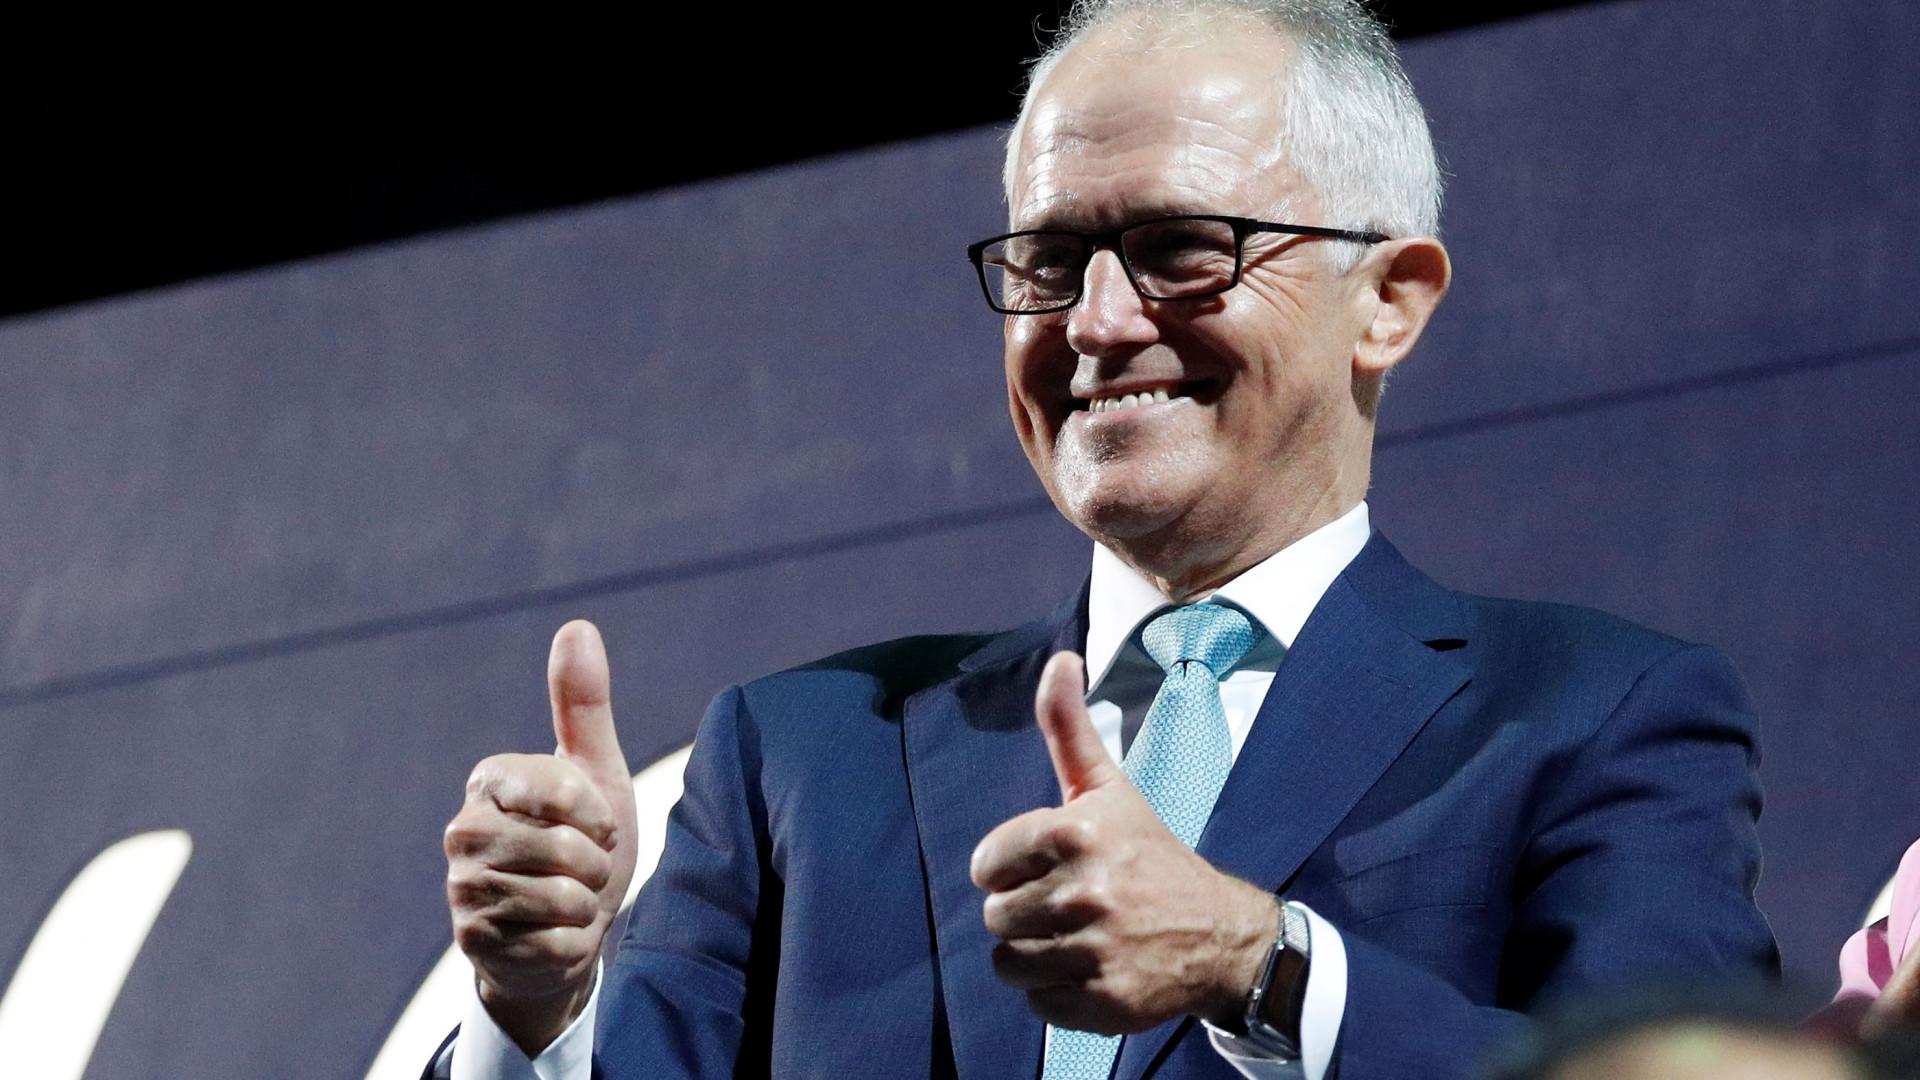 Chefe do exército vai liderar forças de Defesa australianas